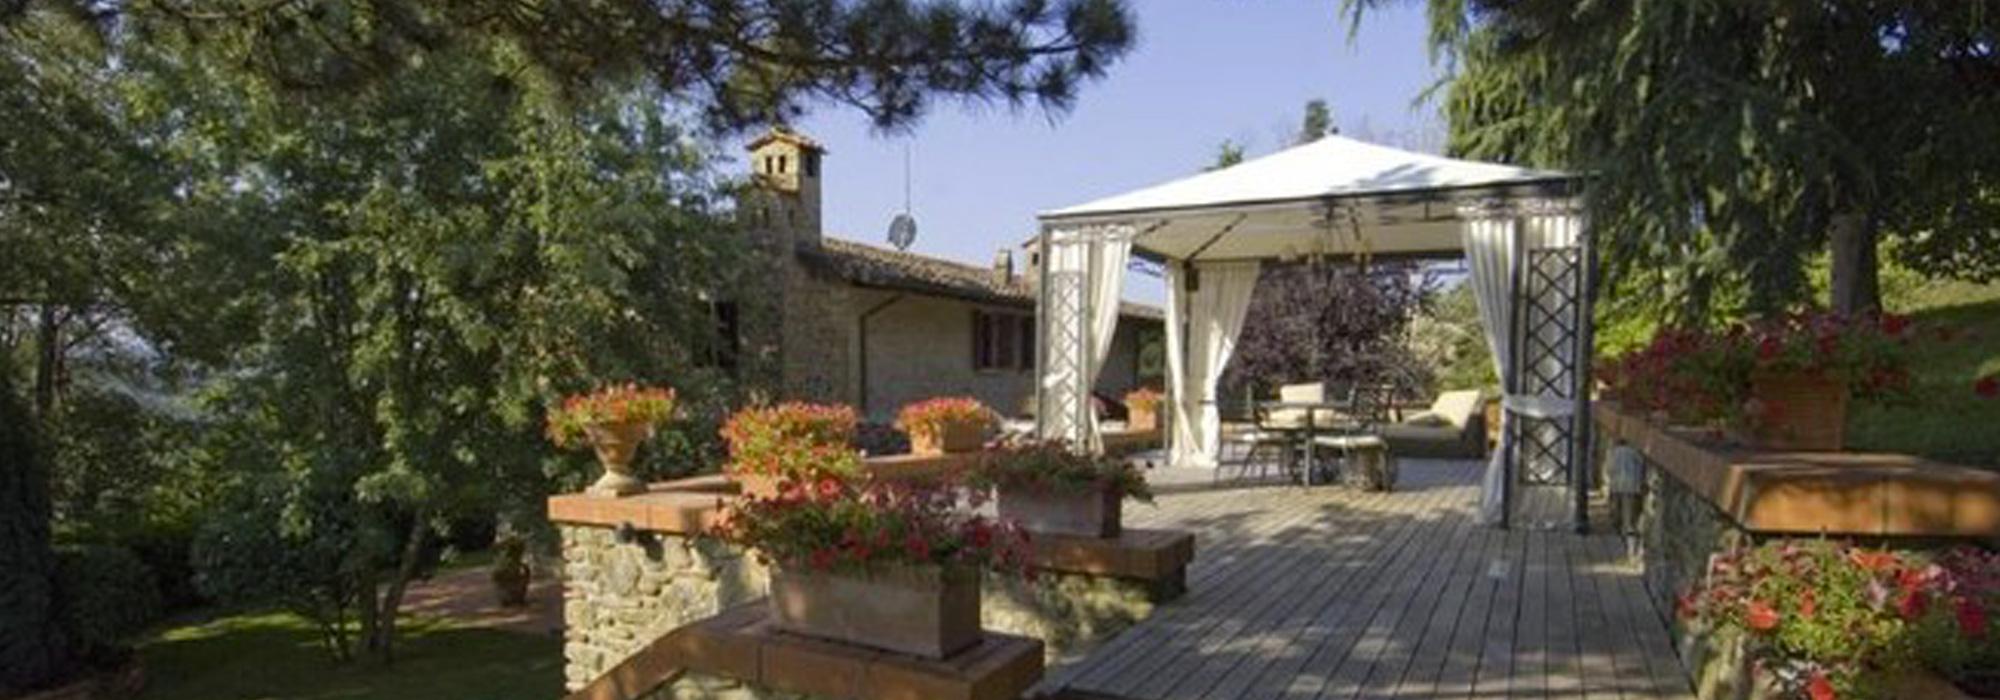 Immobile di prestigio in vendita in zona San Clemente a Arezzo